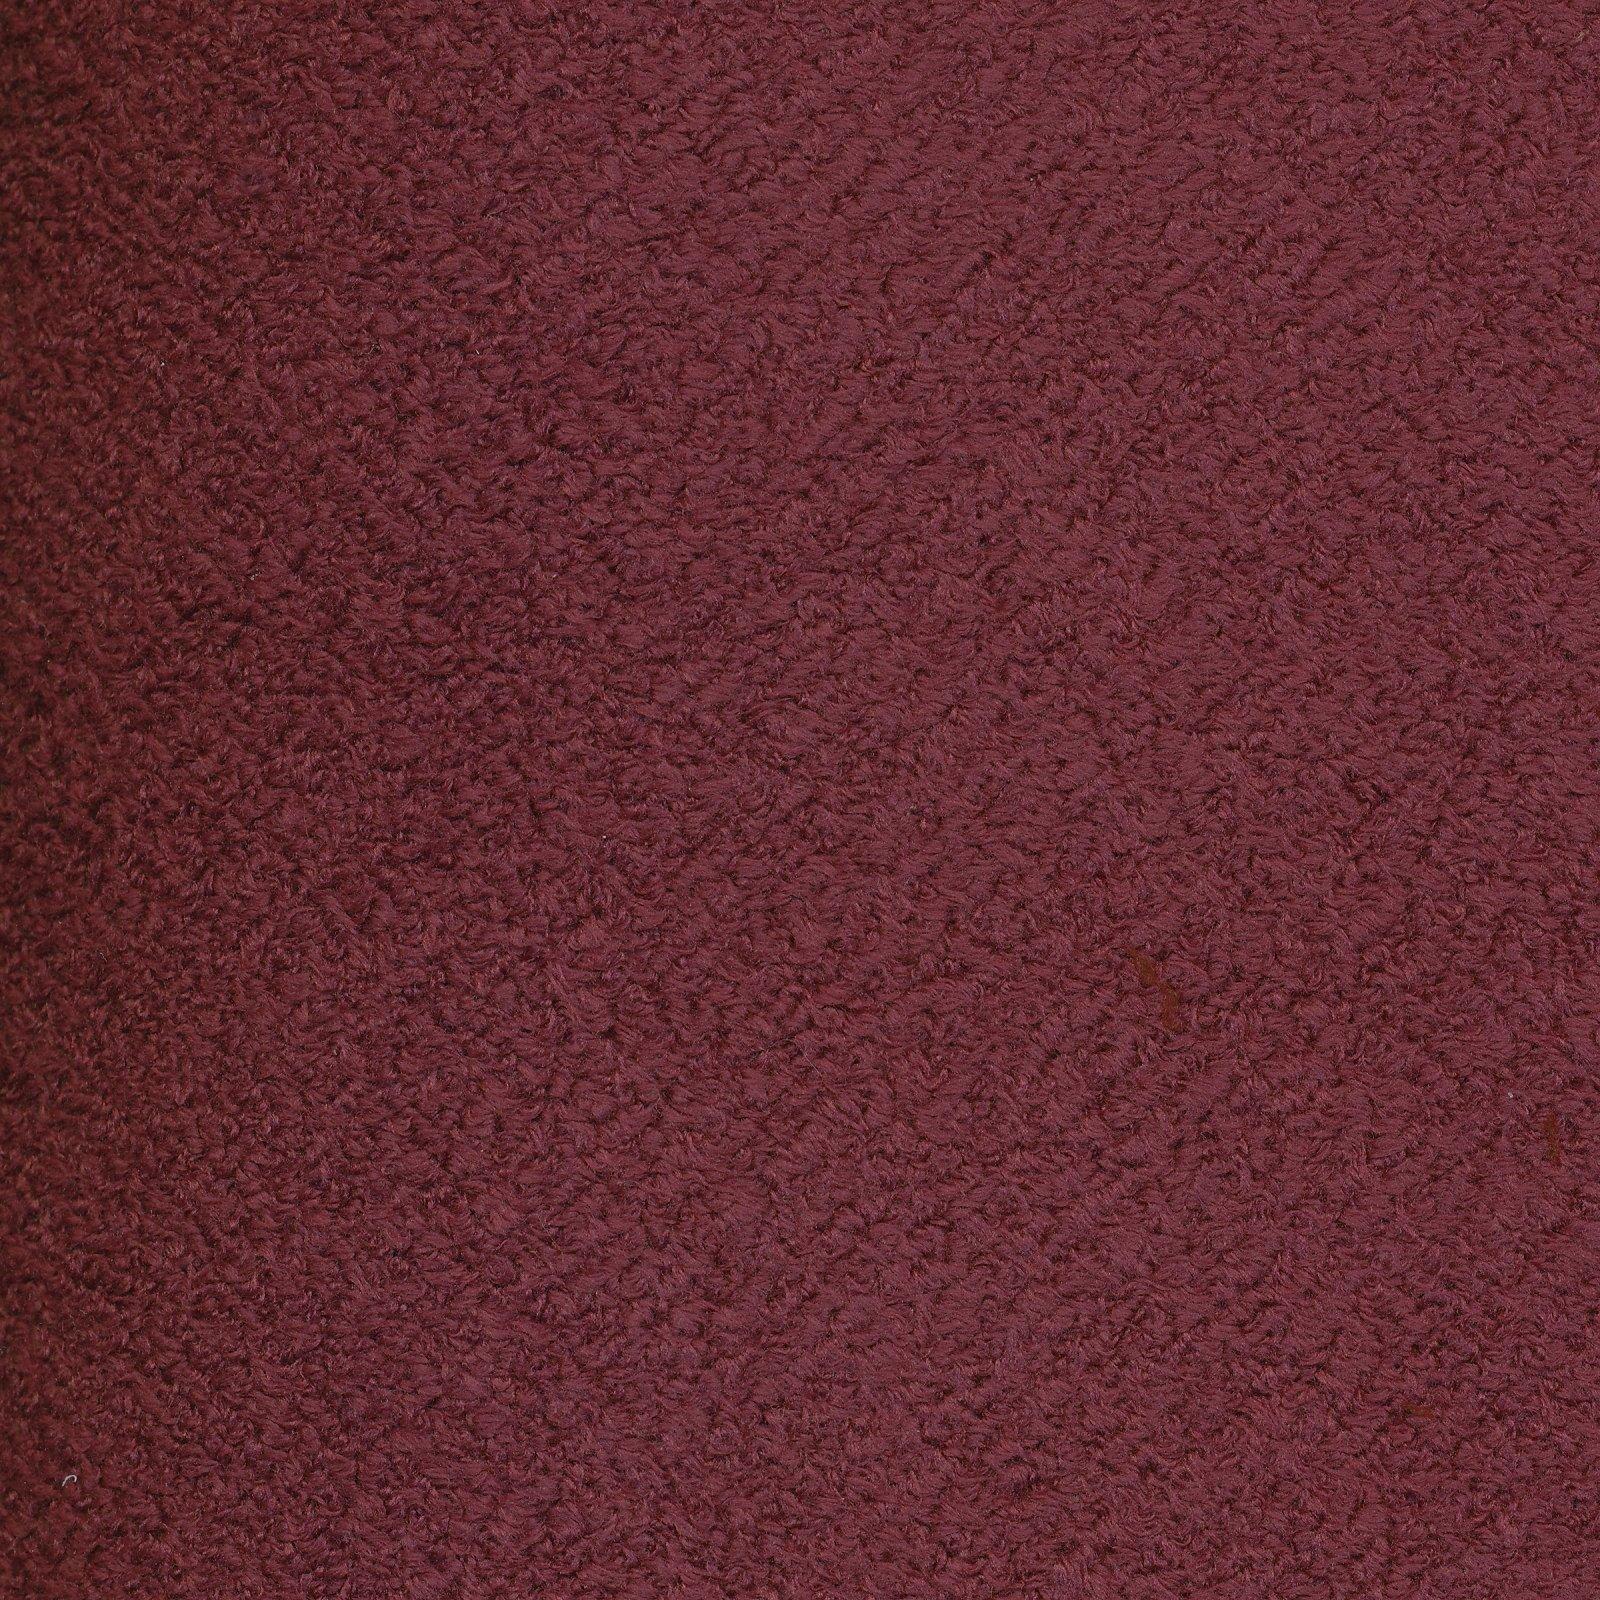 Moda Fireside 60 Polyester Wide Back - Burgundy (Min order of 1m)